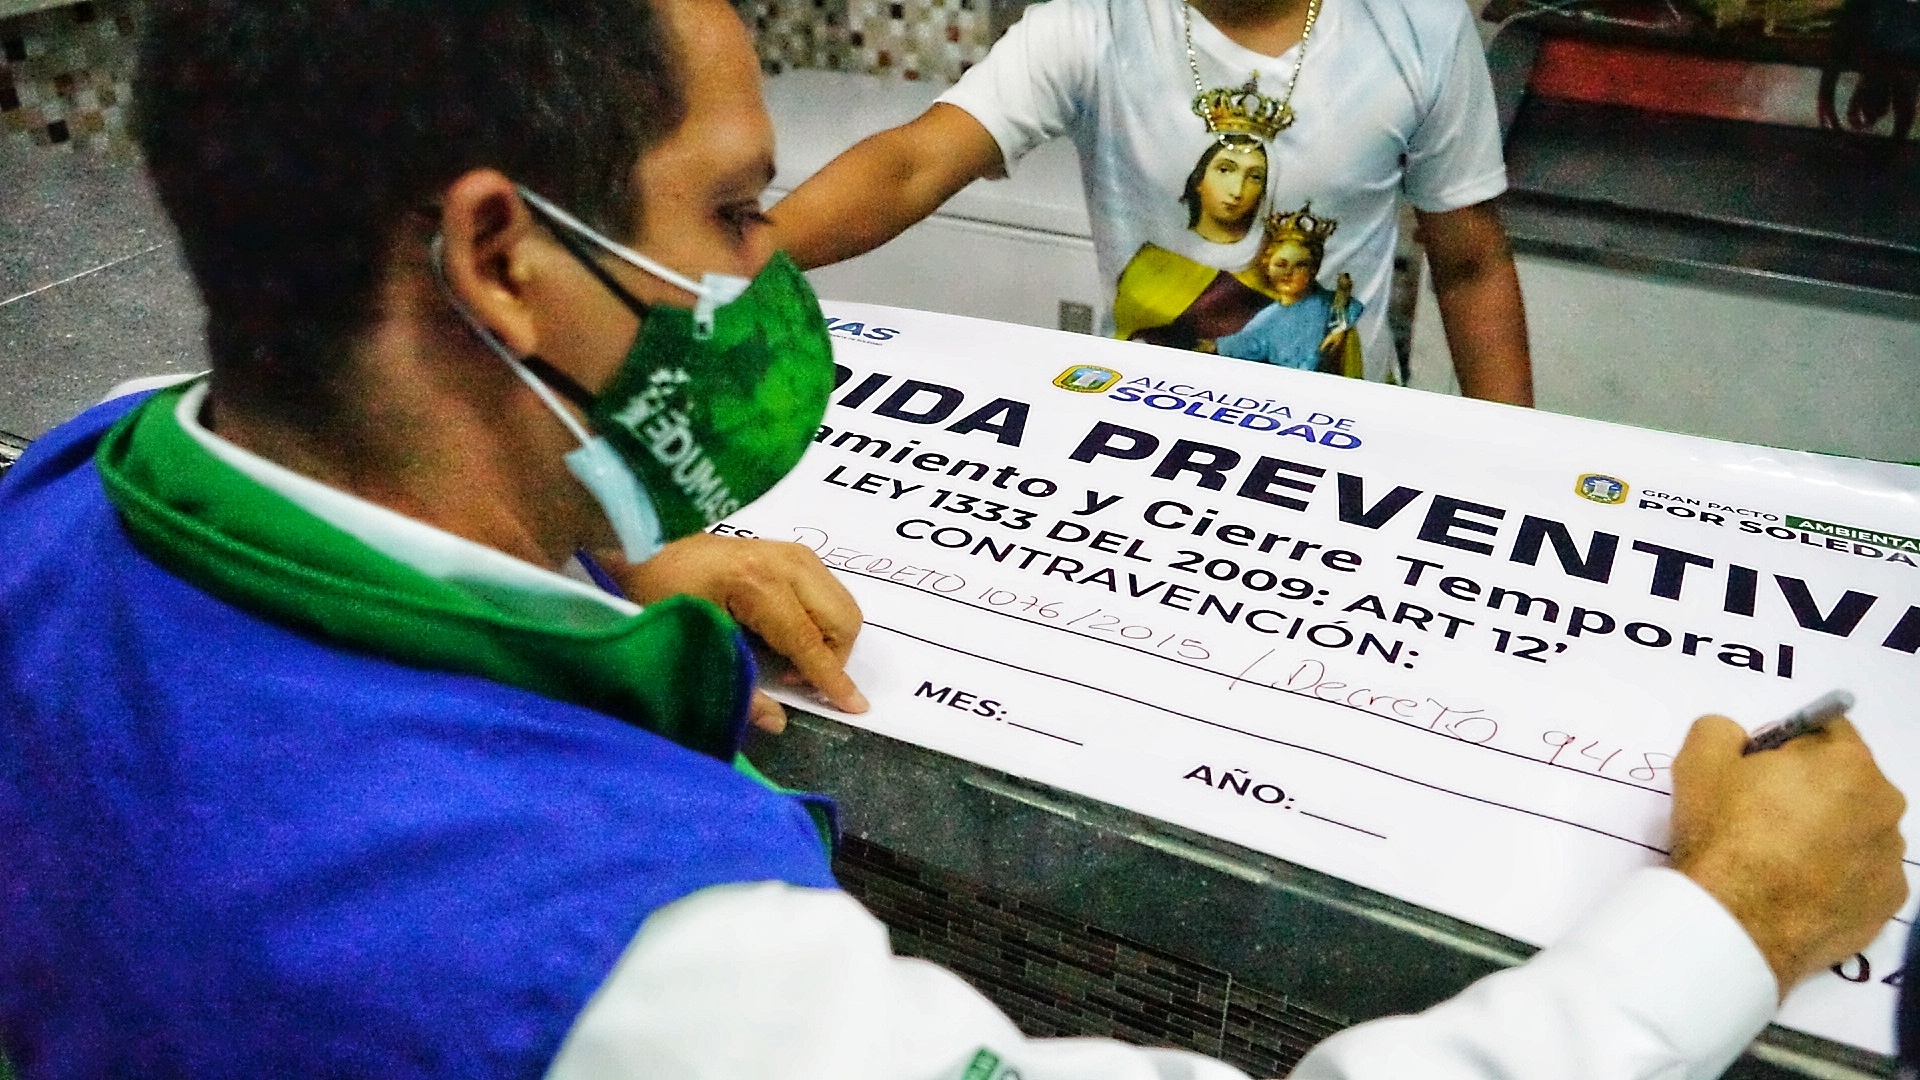 Edumas Realiza Operativos De Control De Ruido Y Contaminación Sonora En El Barrio El Manantial